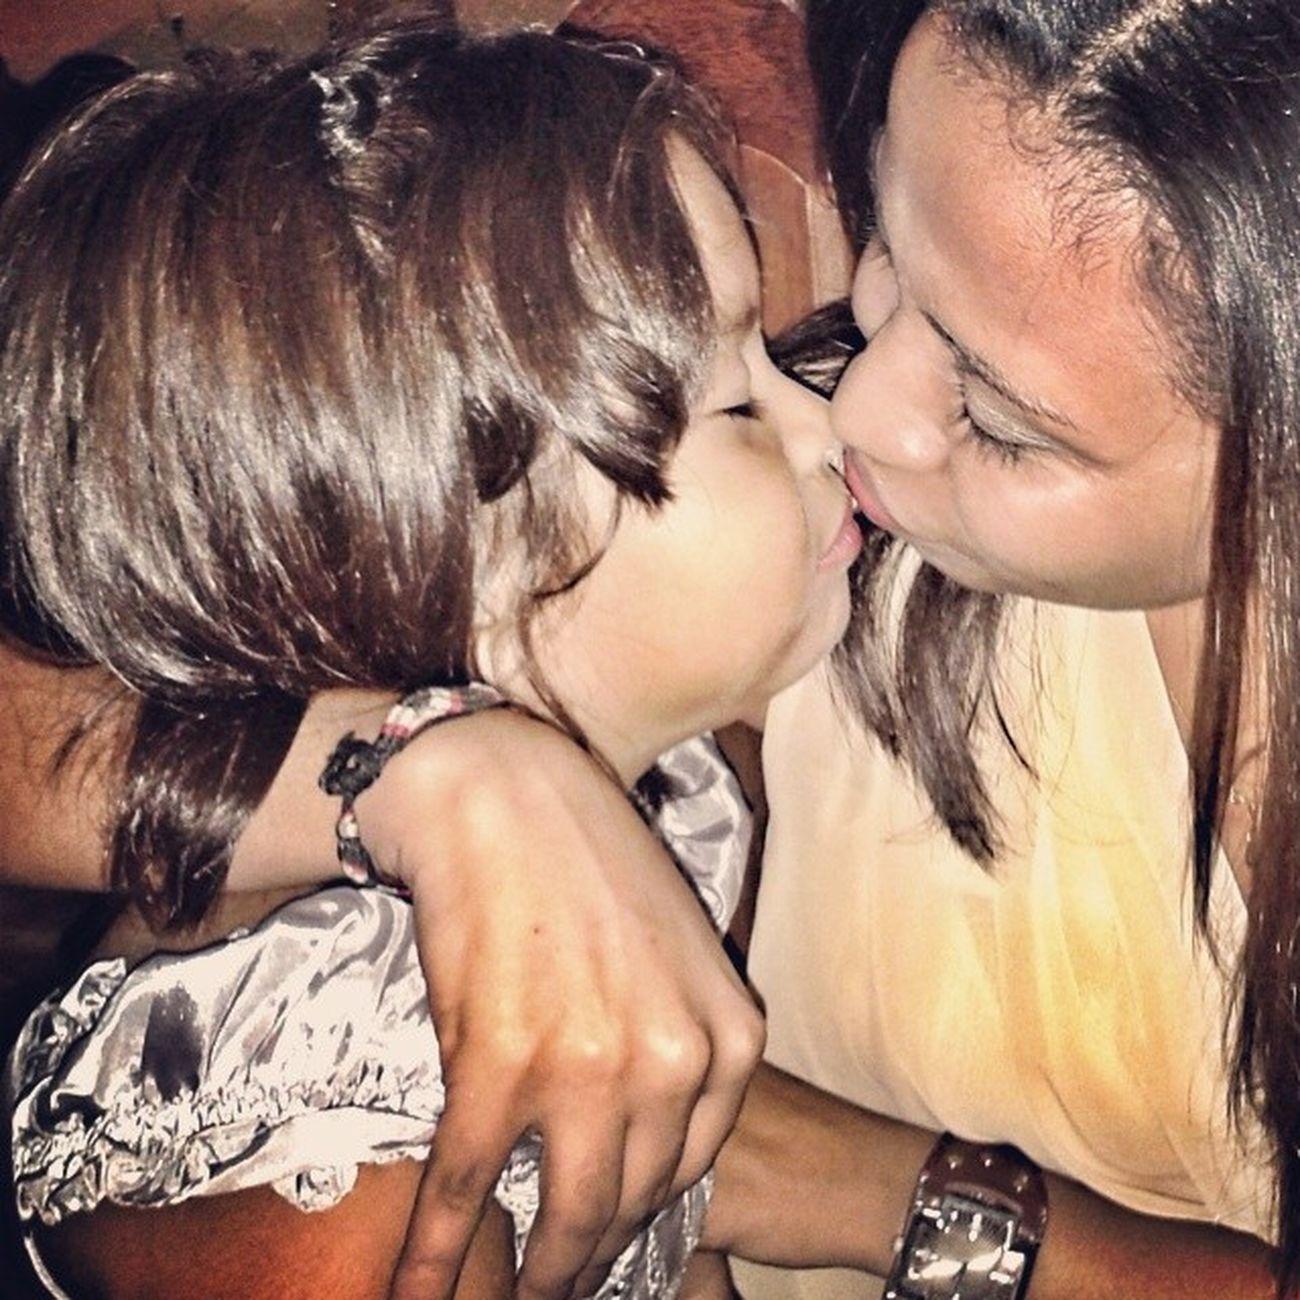 Um amor puro. Que me enche de alegria!♥ Perola Luiza Irma SouApaixonadaPorEla MeuAmorTodaHora Vida Linda MeuBemMaior AmoPraSempre